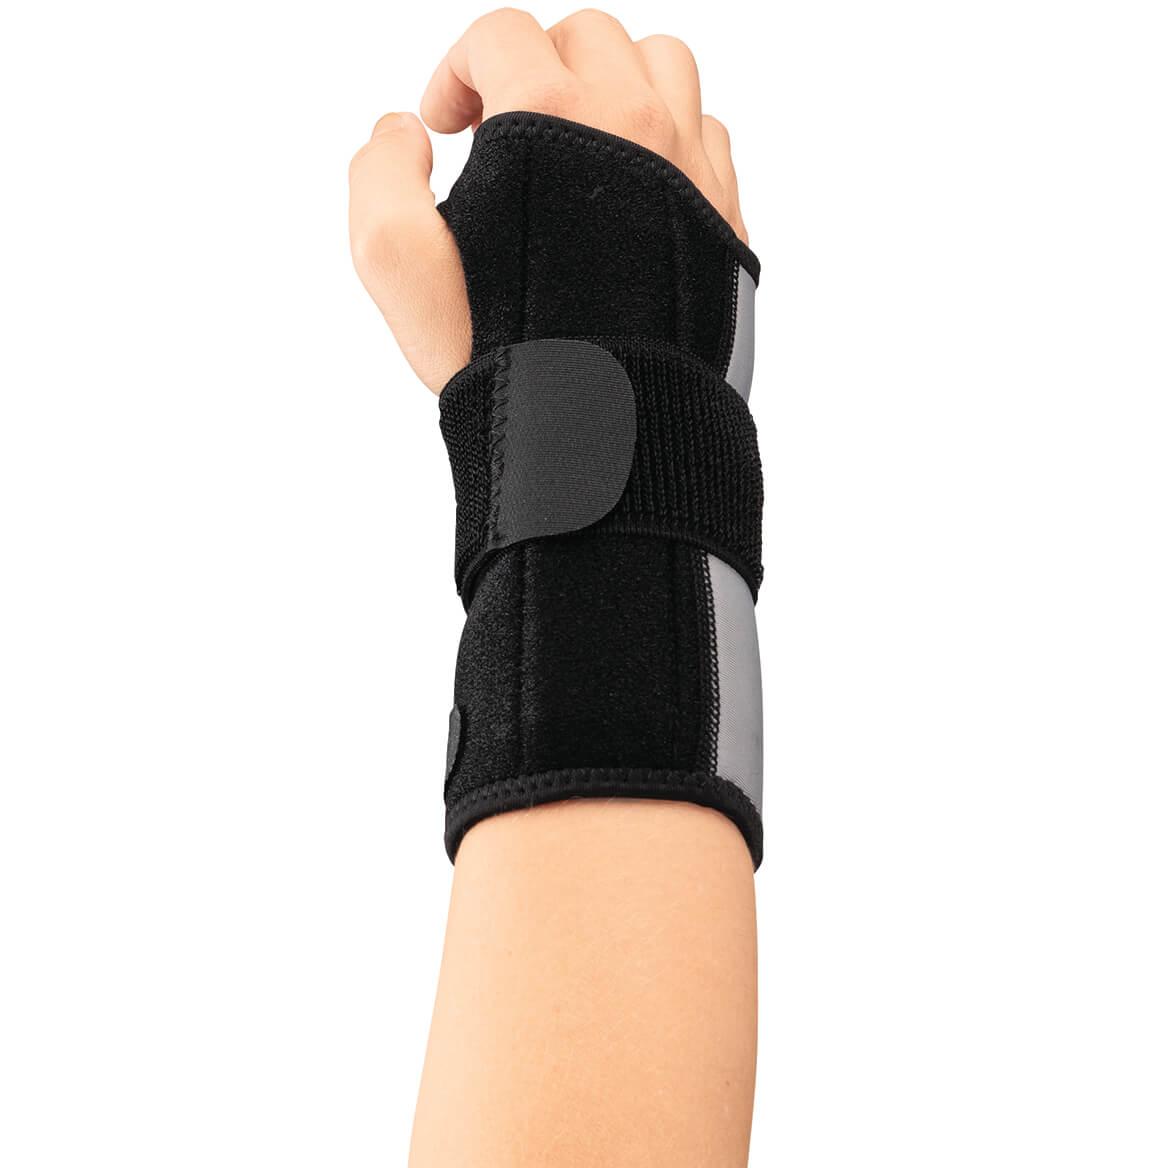 My Splint Heat-Activated Custom Fit Wrist Splint-371258